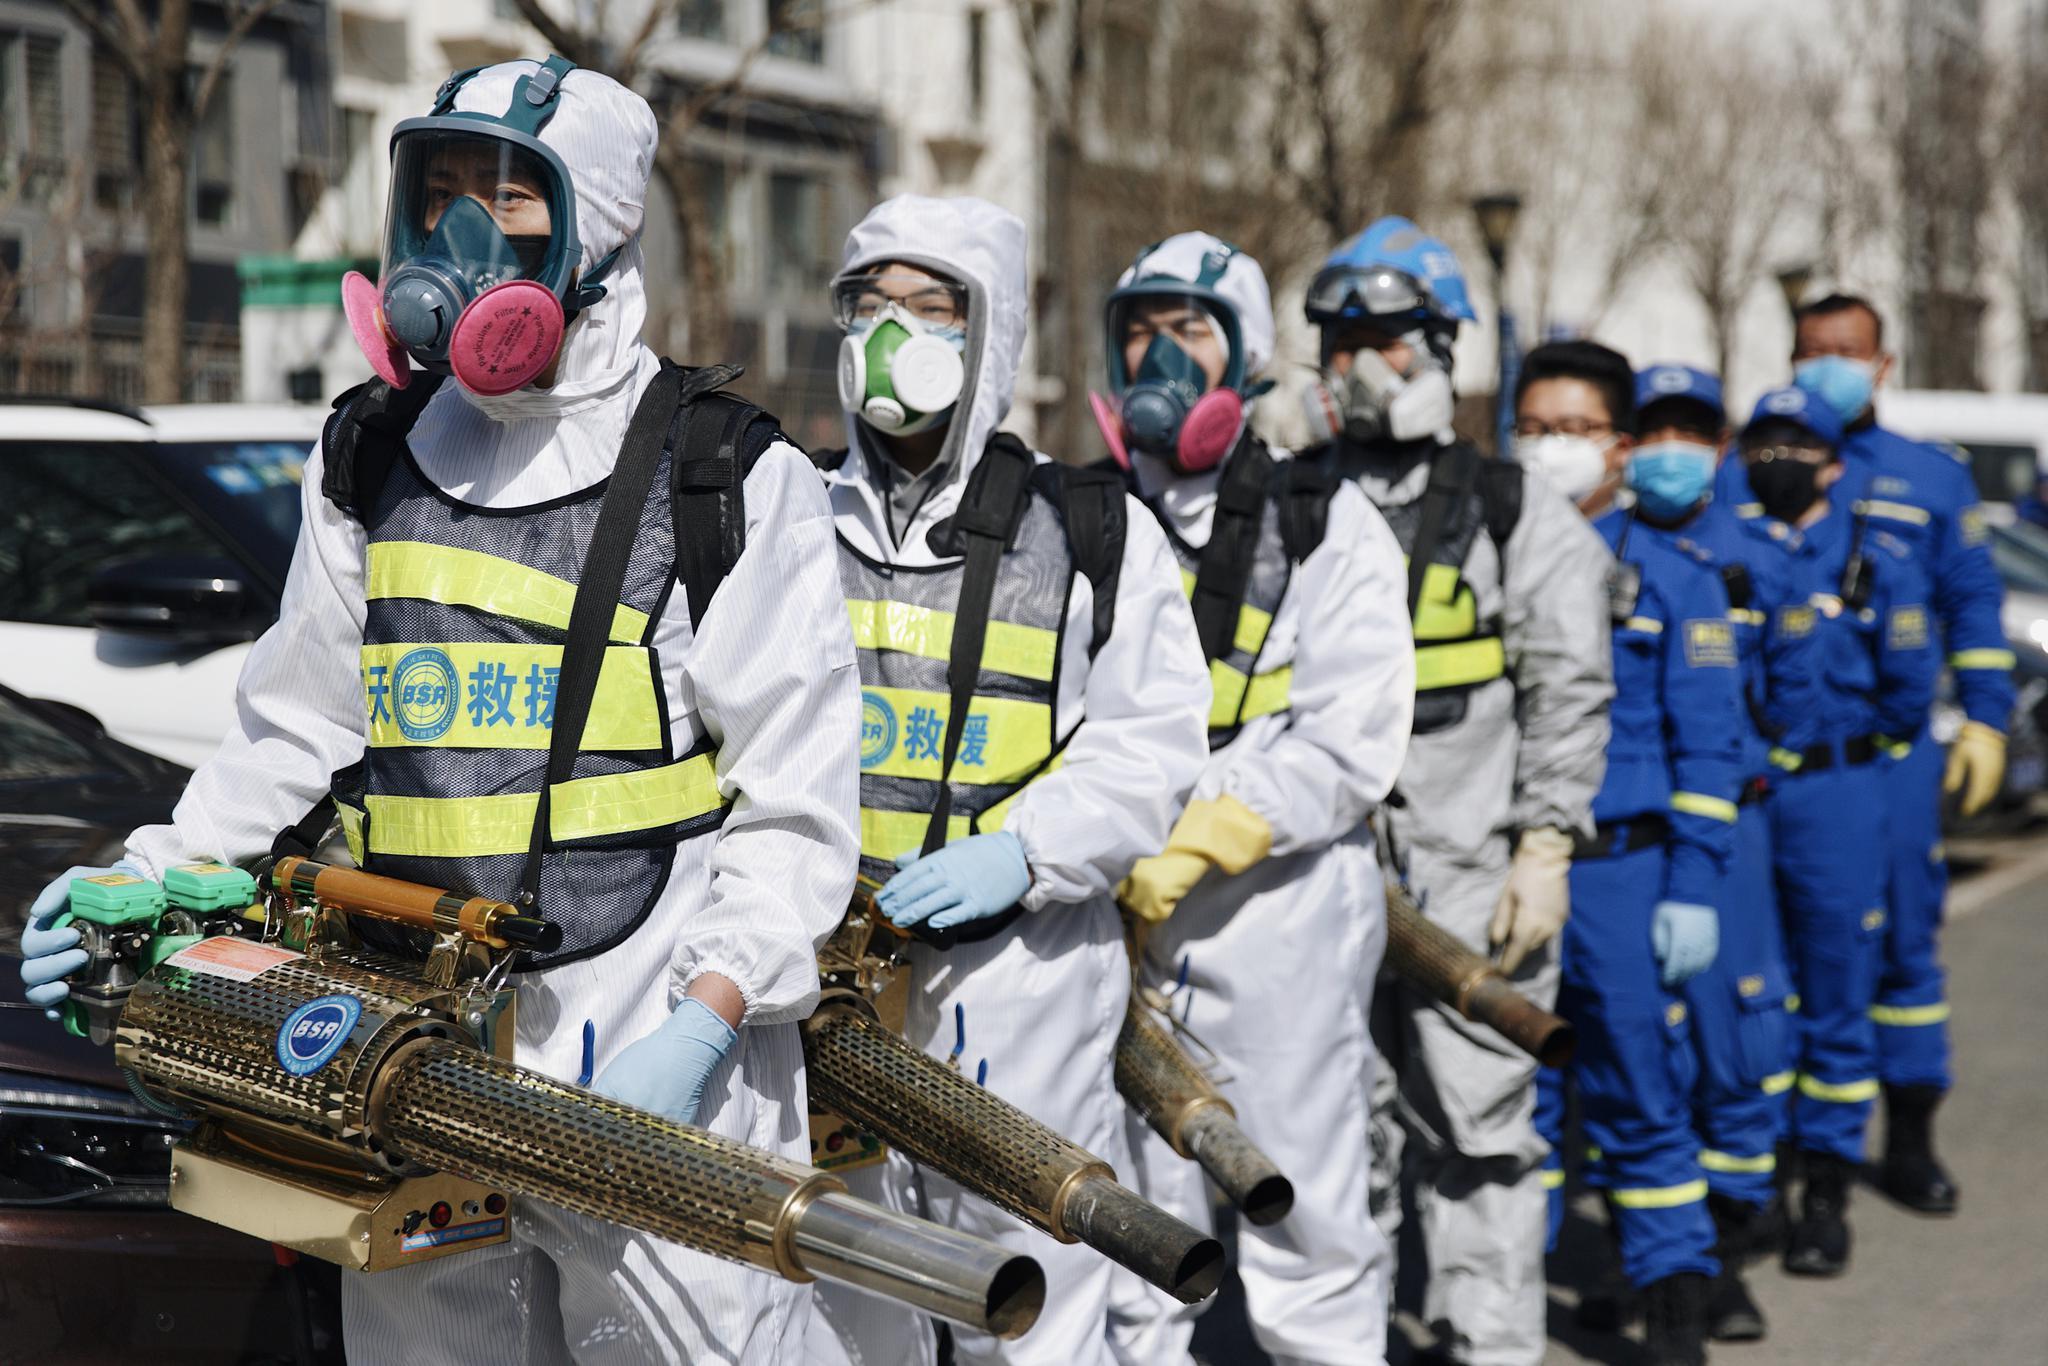 帮助社区消杀的蓝天救援队:公共区域的消杀总要有人做图片